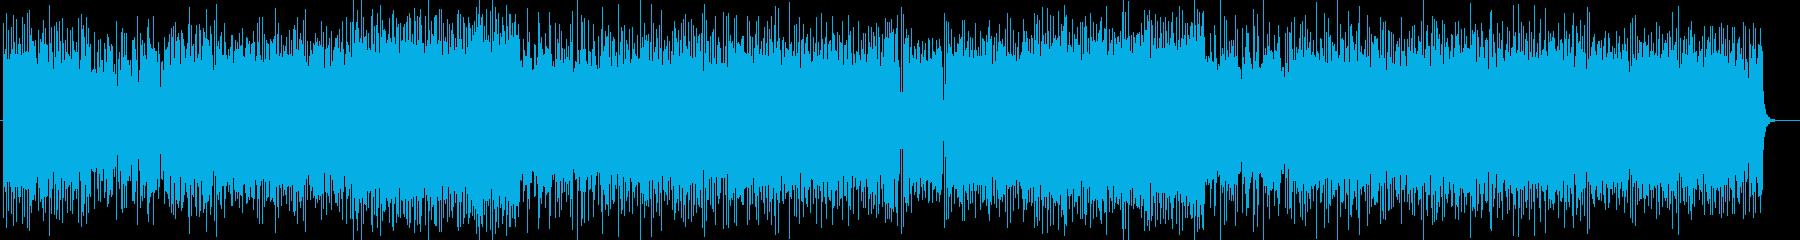 「METAL/DEATH」BGM238の再生済みの波形